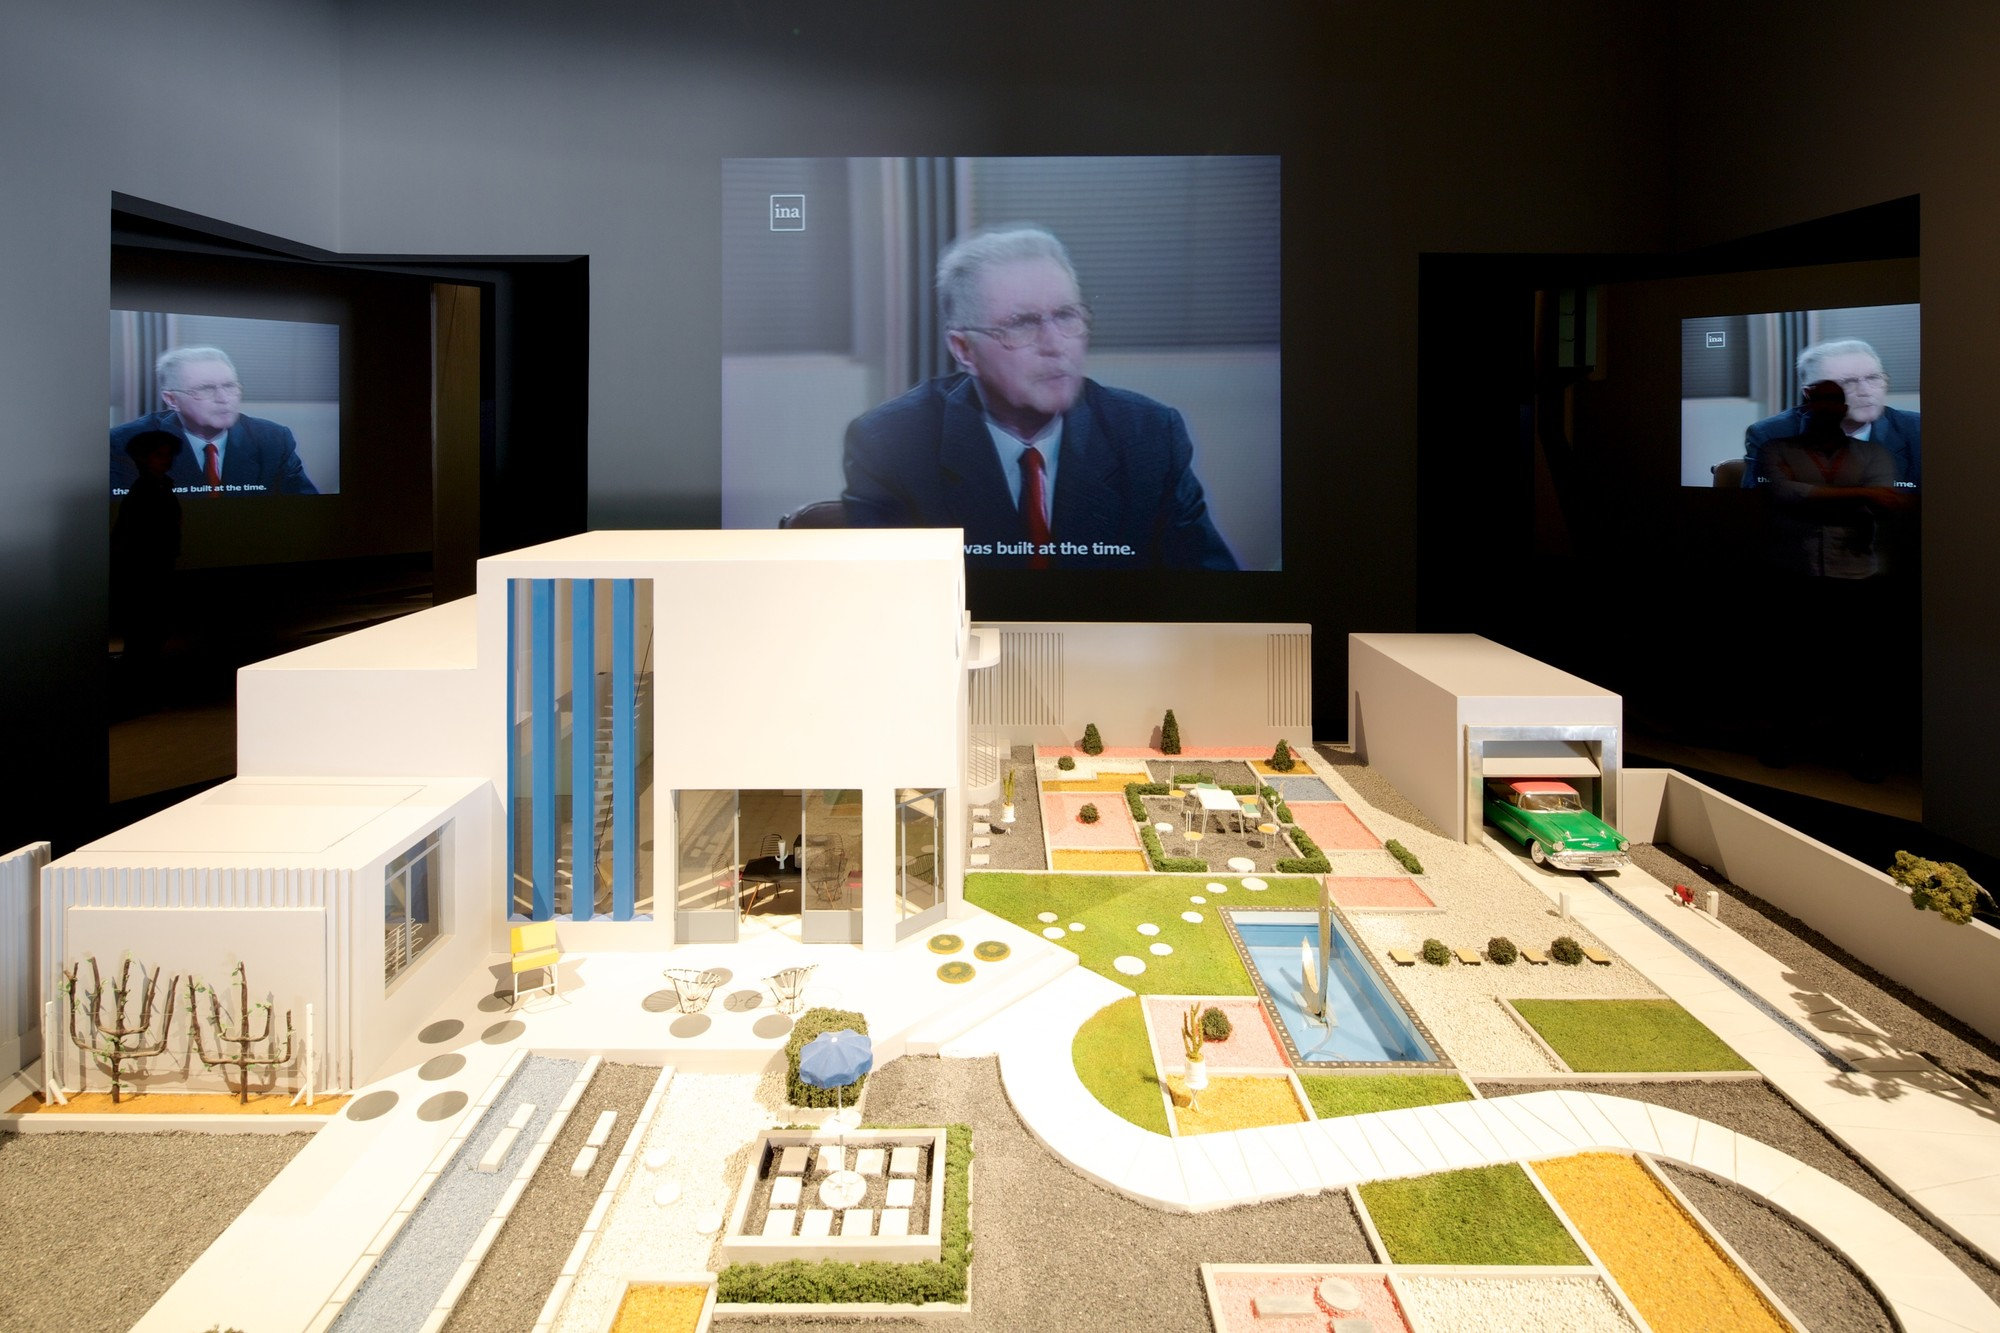 Jacques Tati y Villa Arpel: ¿objeto de deseo o de ridículo?. Image © Nico Saieh